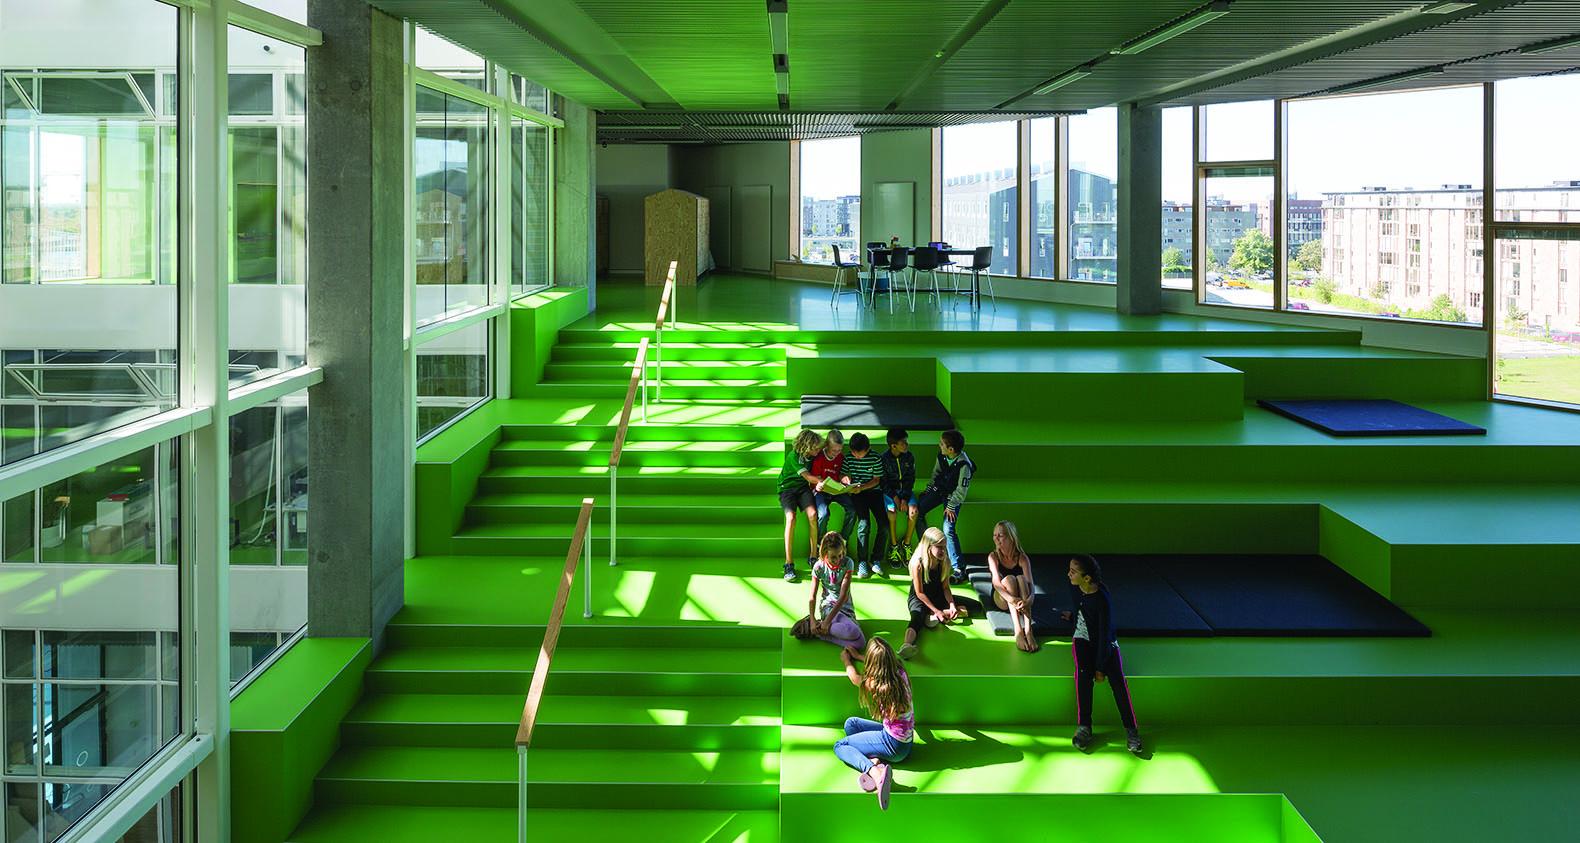 denmark schools